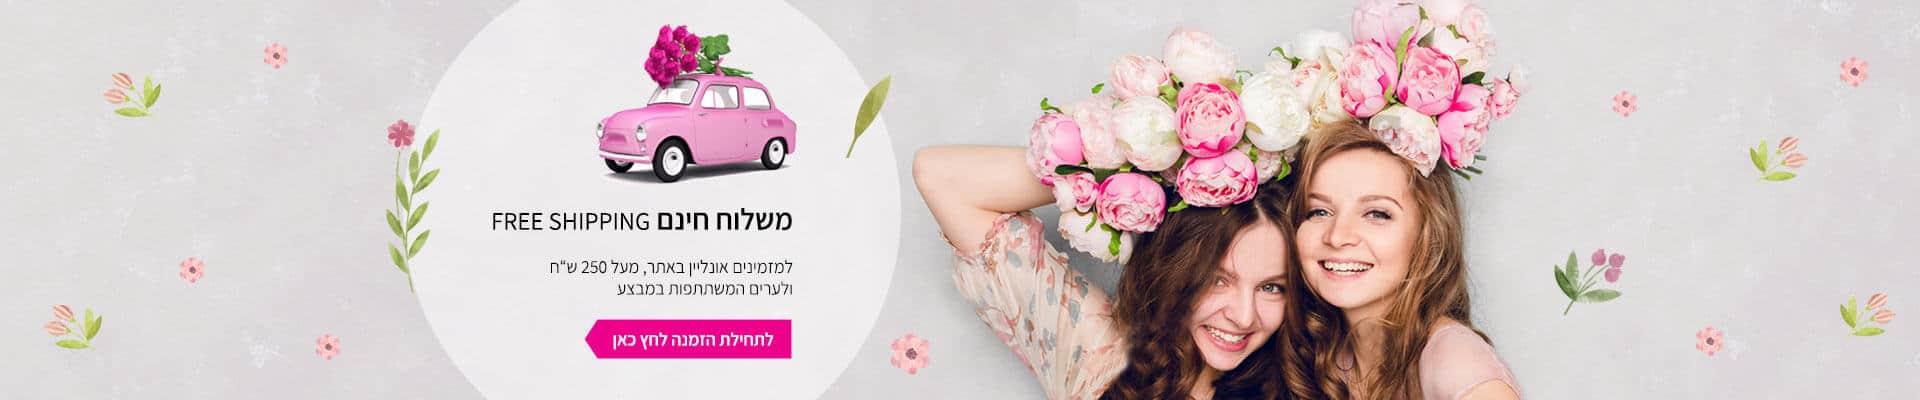 send flowers in israel